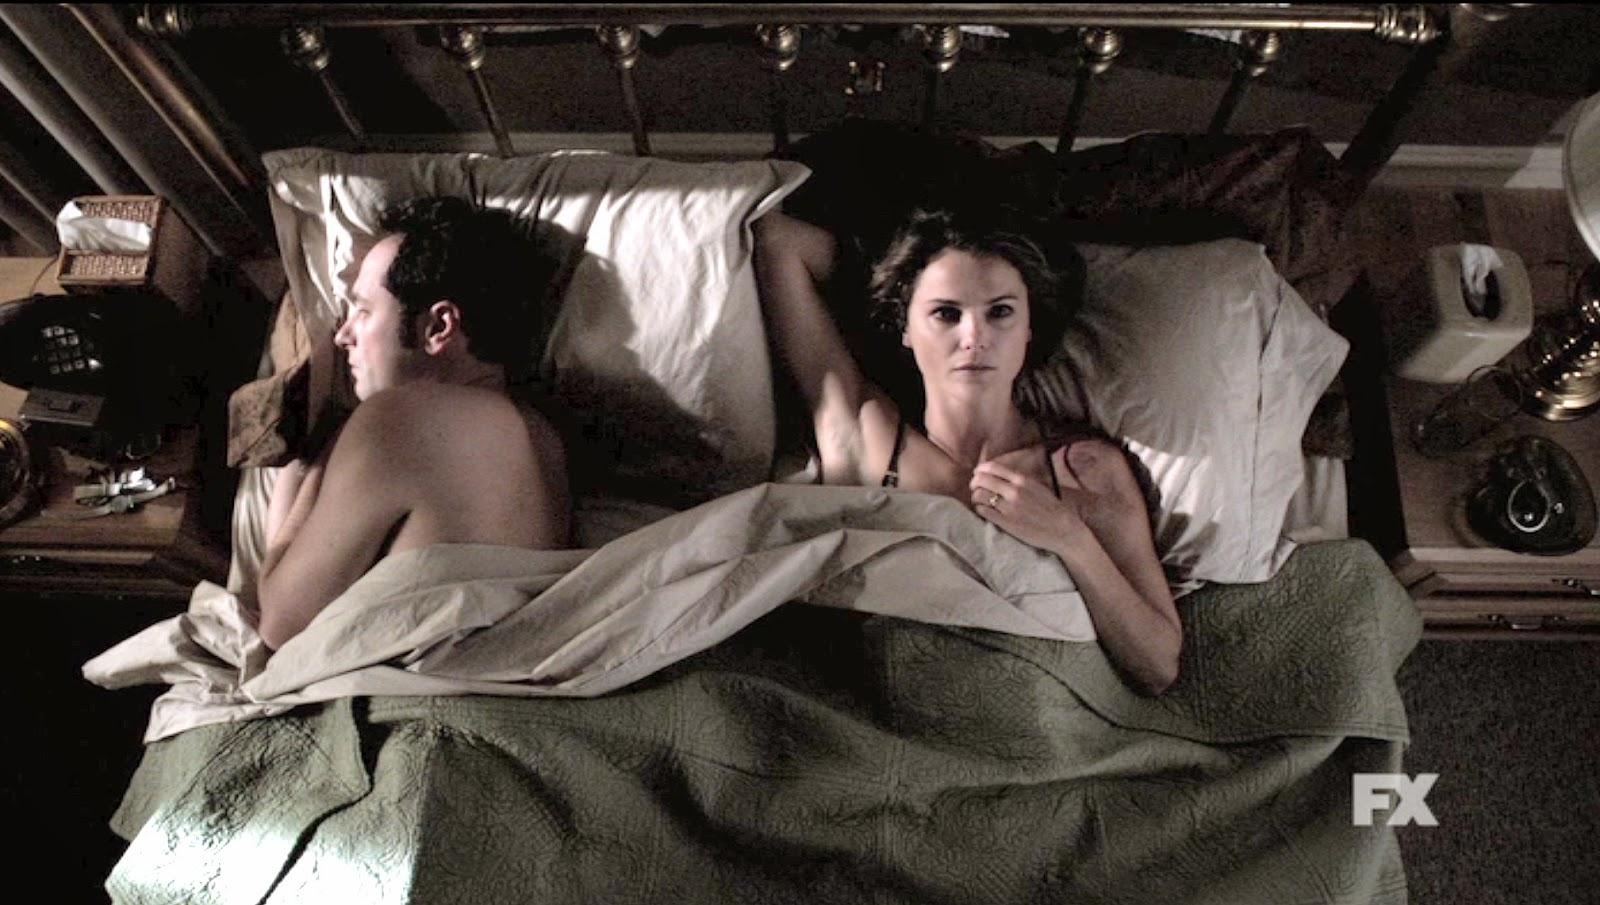 Keri Russell, Matther Rhys serie FX